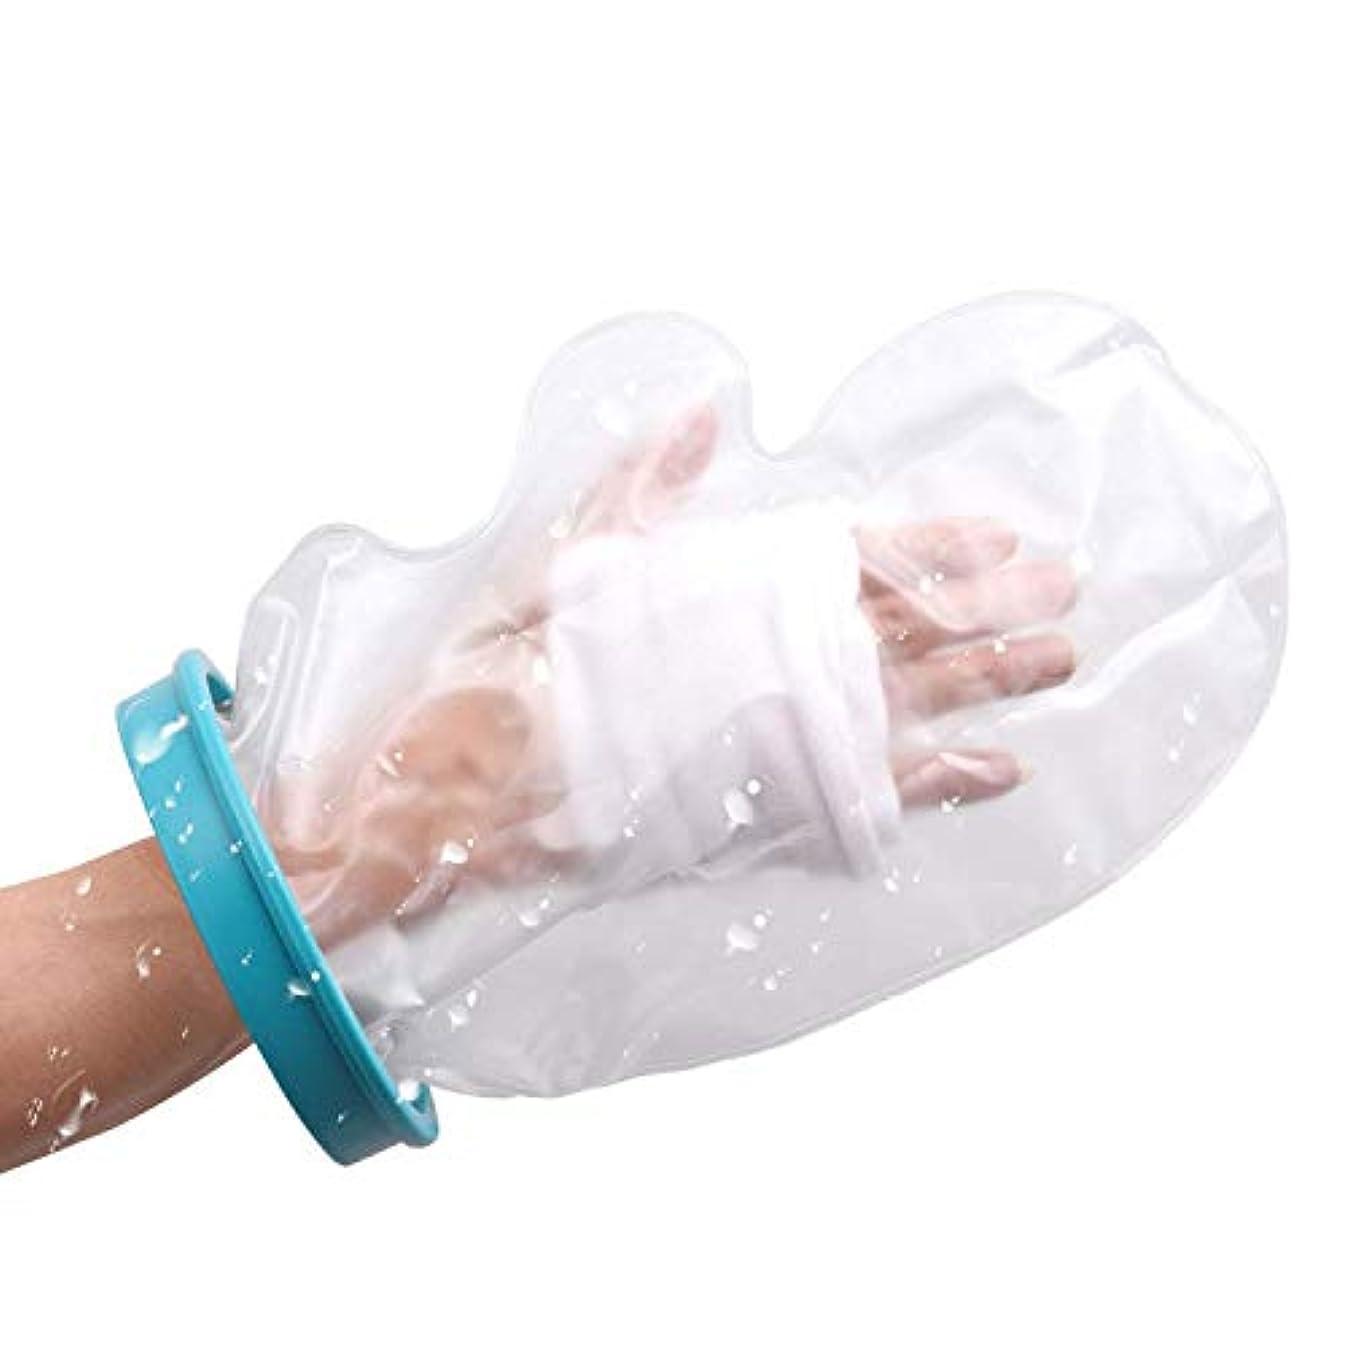 目的解く予想するシャワー用ハンドキャストカバープロテクター、耐久性のある再利用可能なキャストスリーブバッグカバー大人手傷火傷手手首指